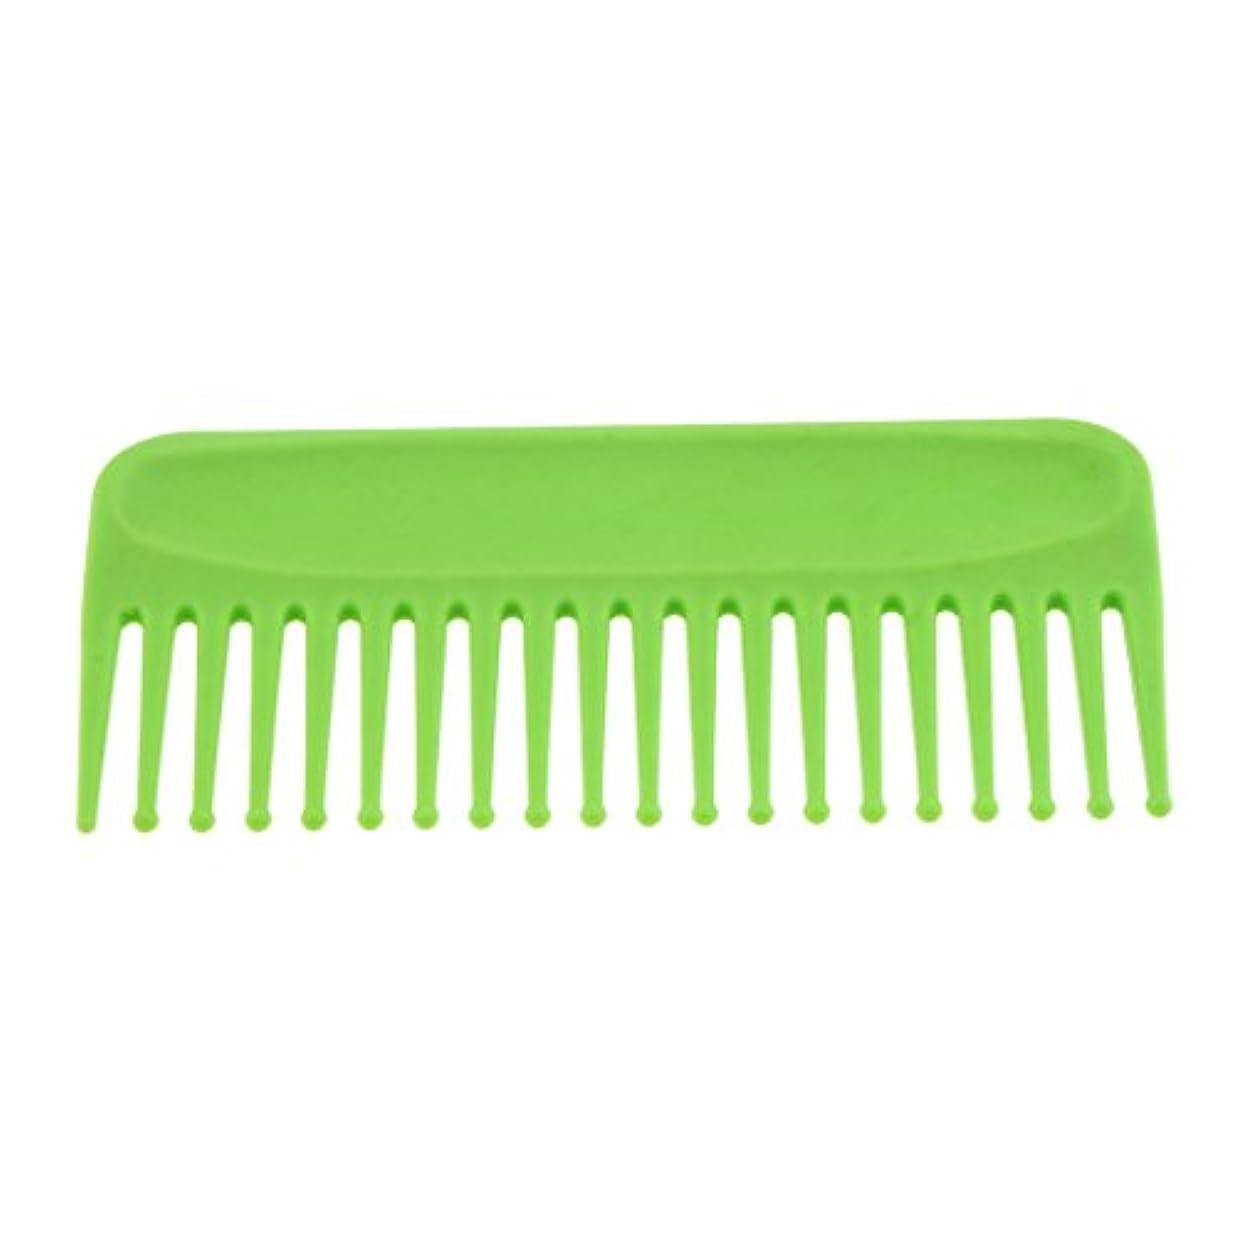 機械腸エーカーヘアブラシ ヘアコーム コーム 櫛 くし サロン ヘアケア 耐熱性 帯電防止 頭皮 マッサージ 丸いヘッド 4色選べる - 緑